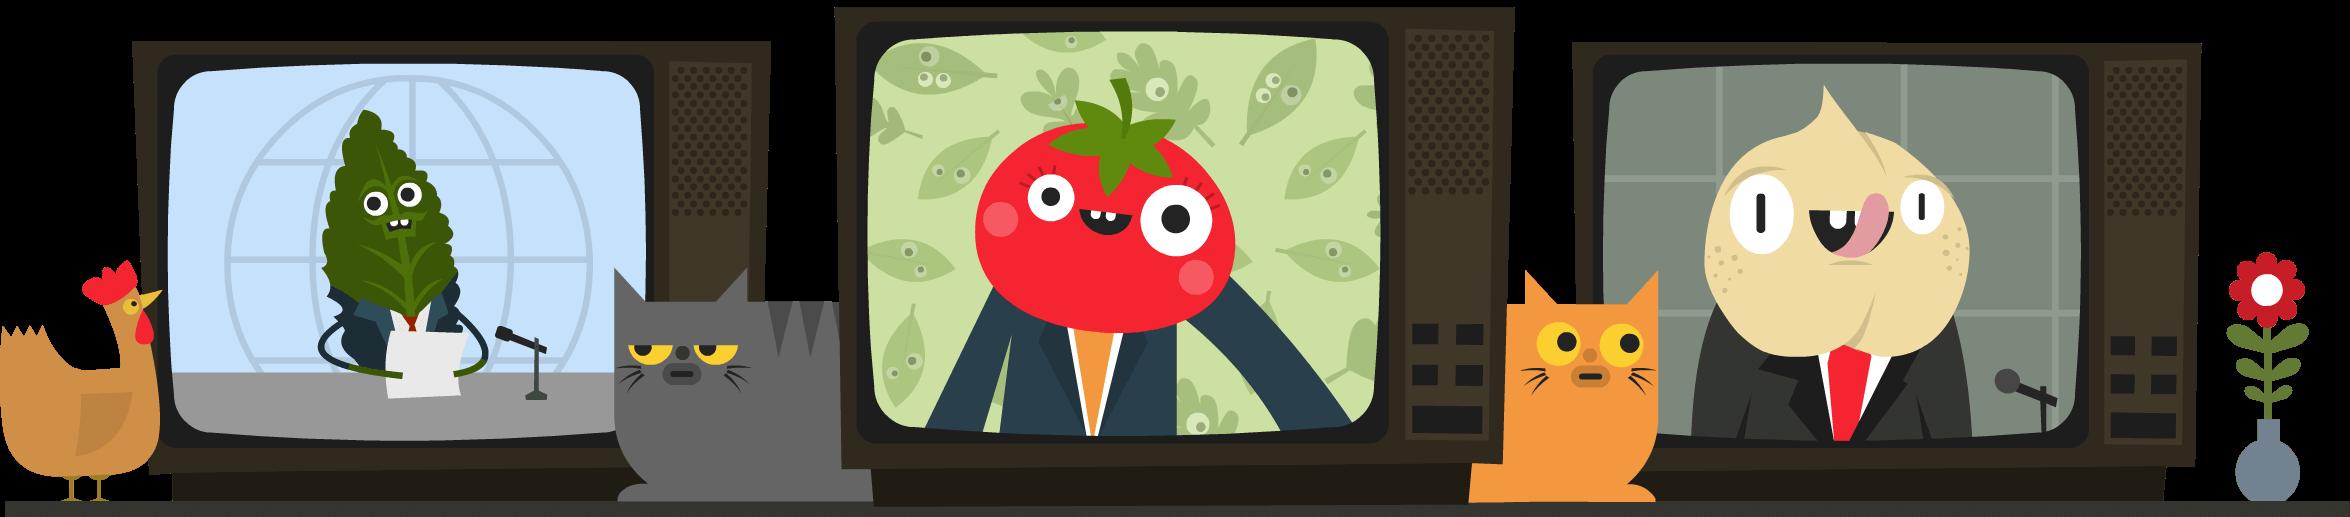 TV reporters - Kale, Tomato, Chickpea